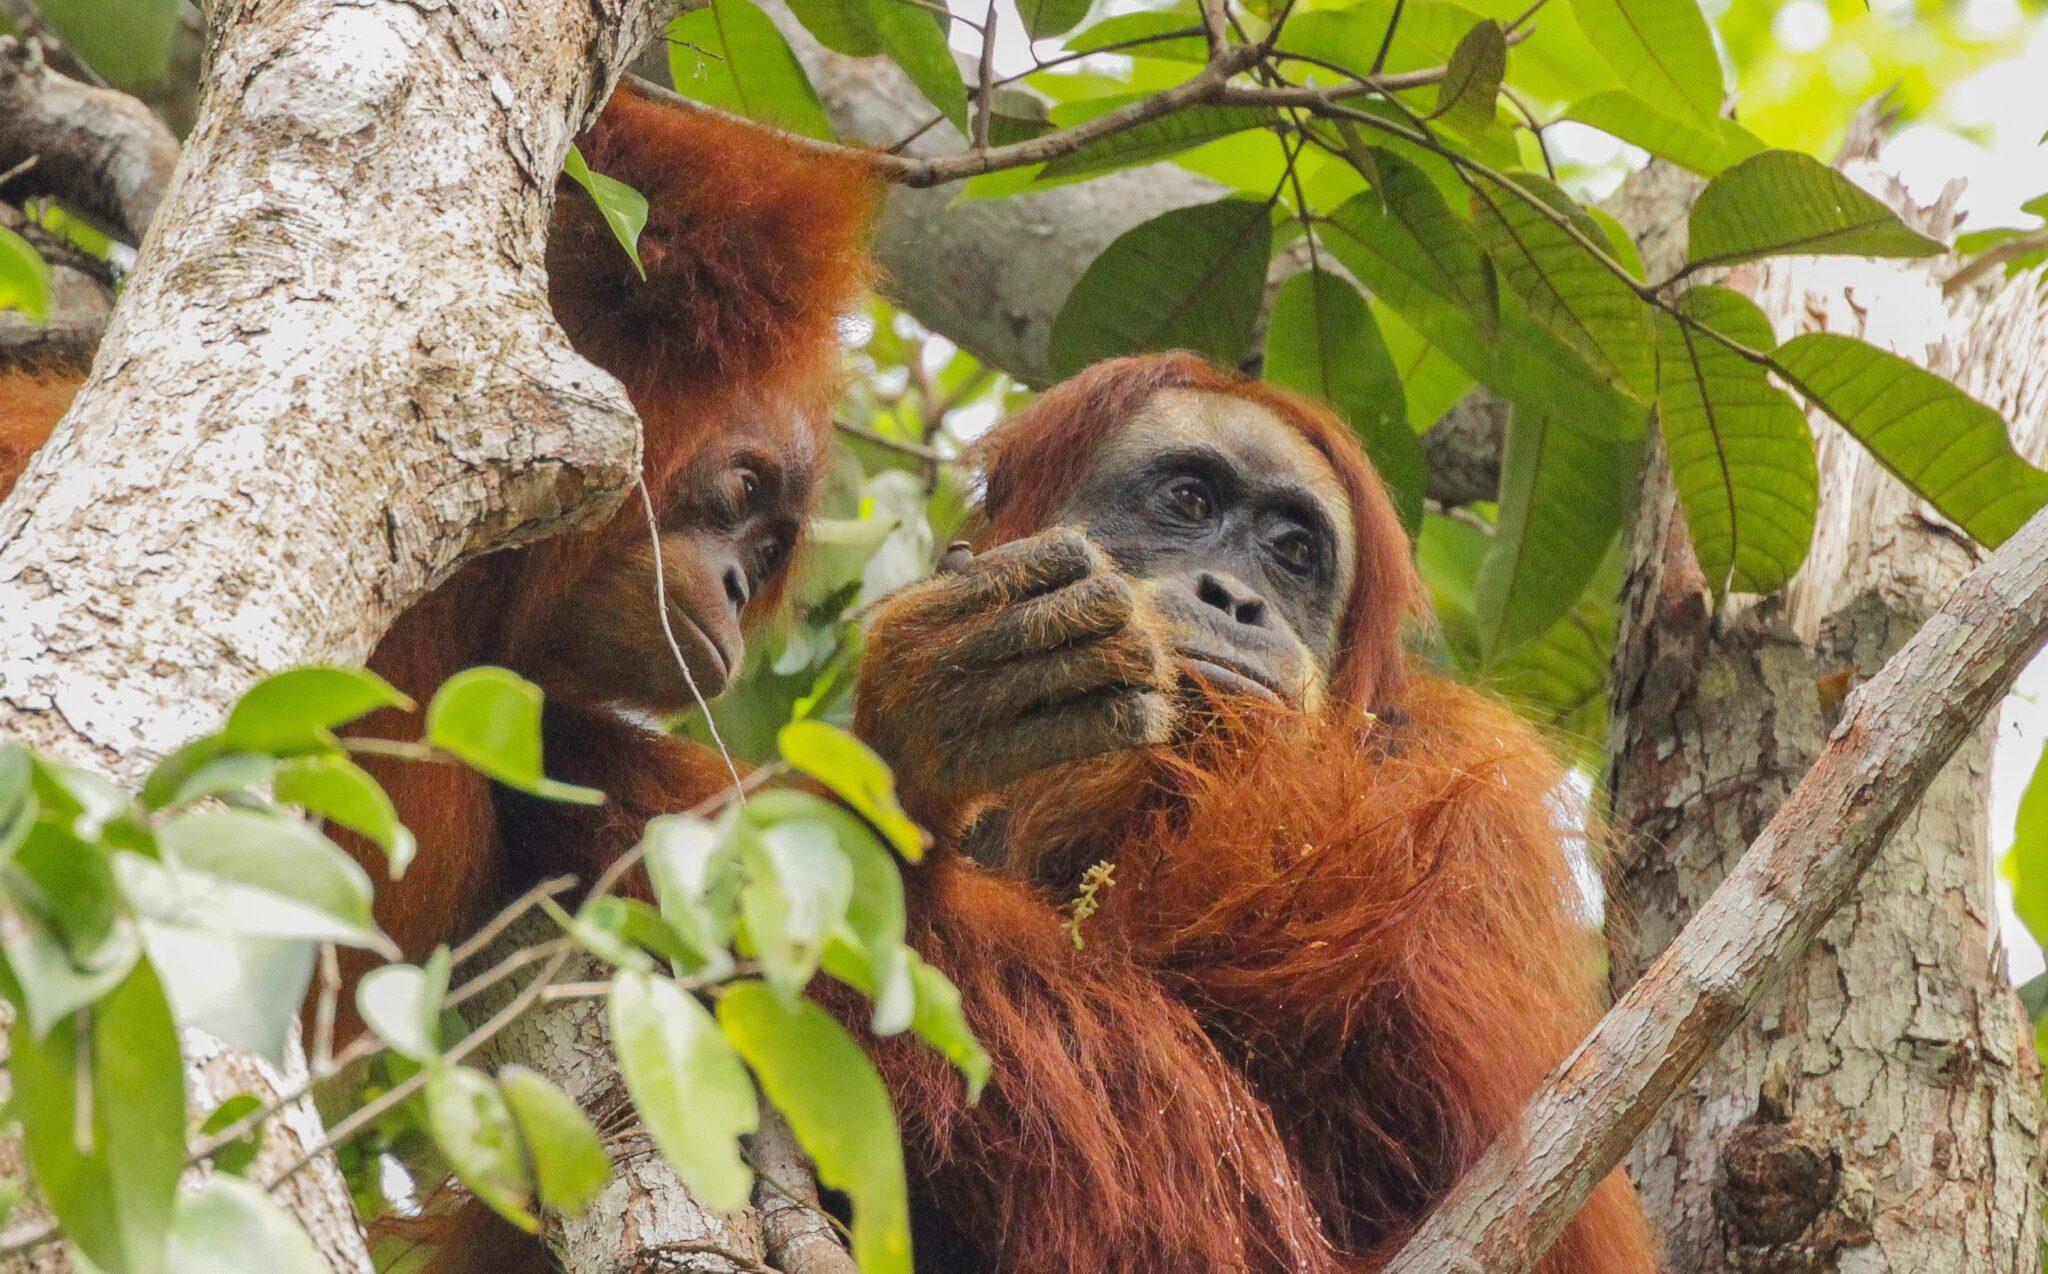 Junge Orang-Utans beobachten ältere Artgenossen aufmerksam bei der Nahrungsaufnahme